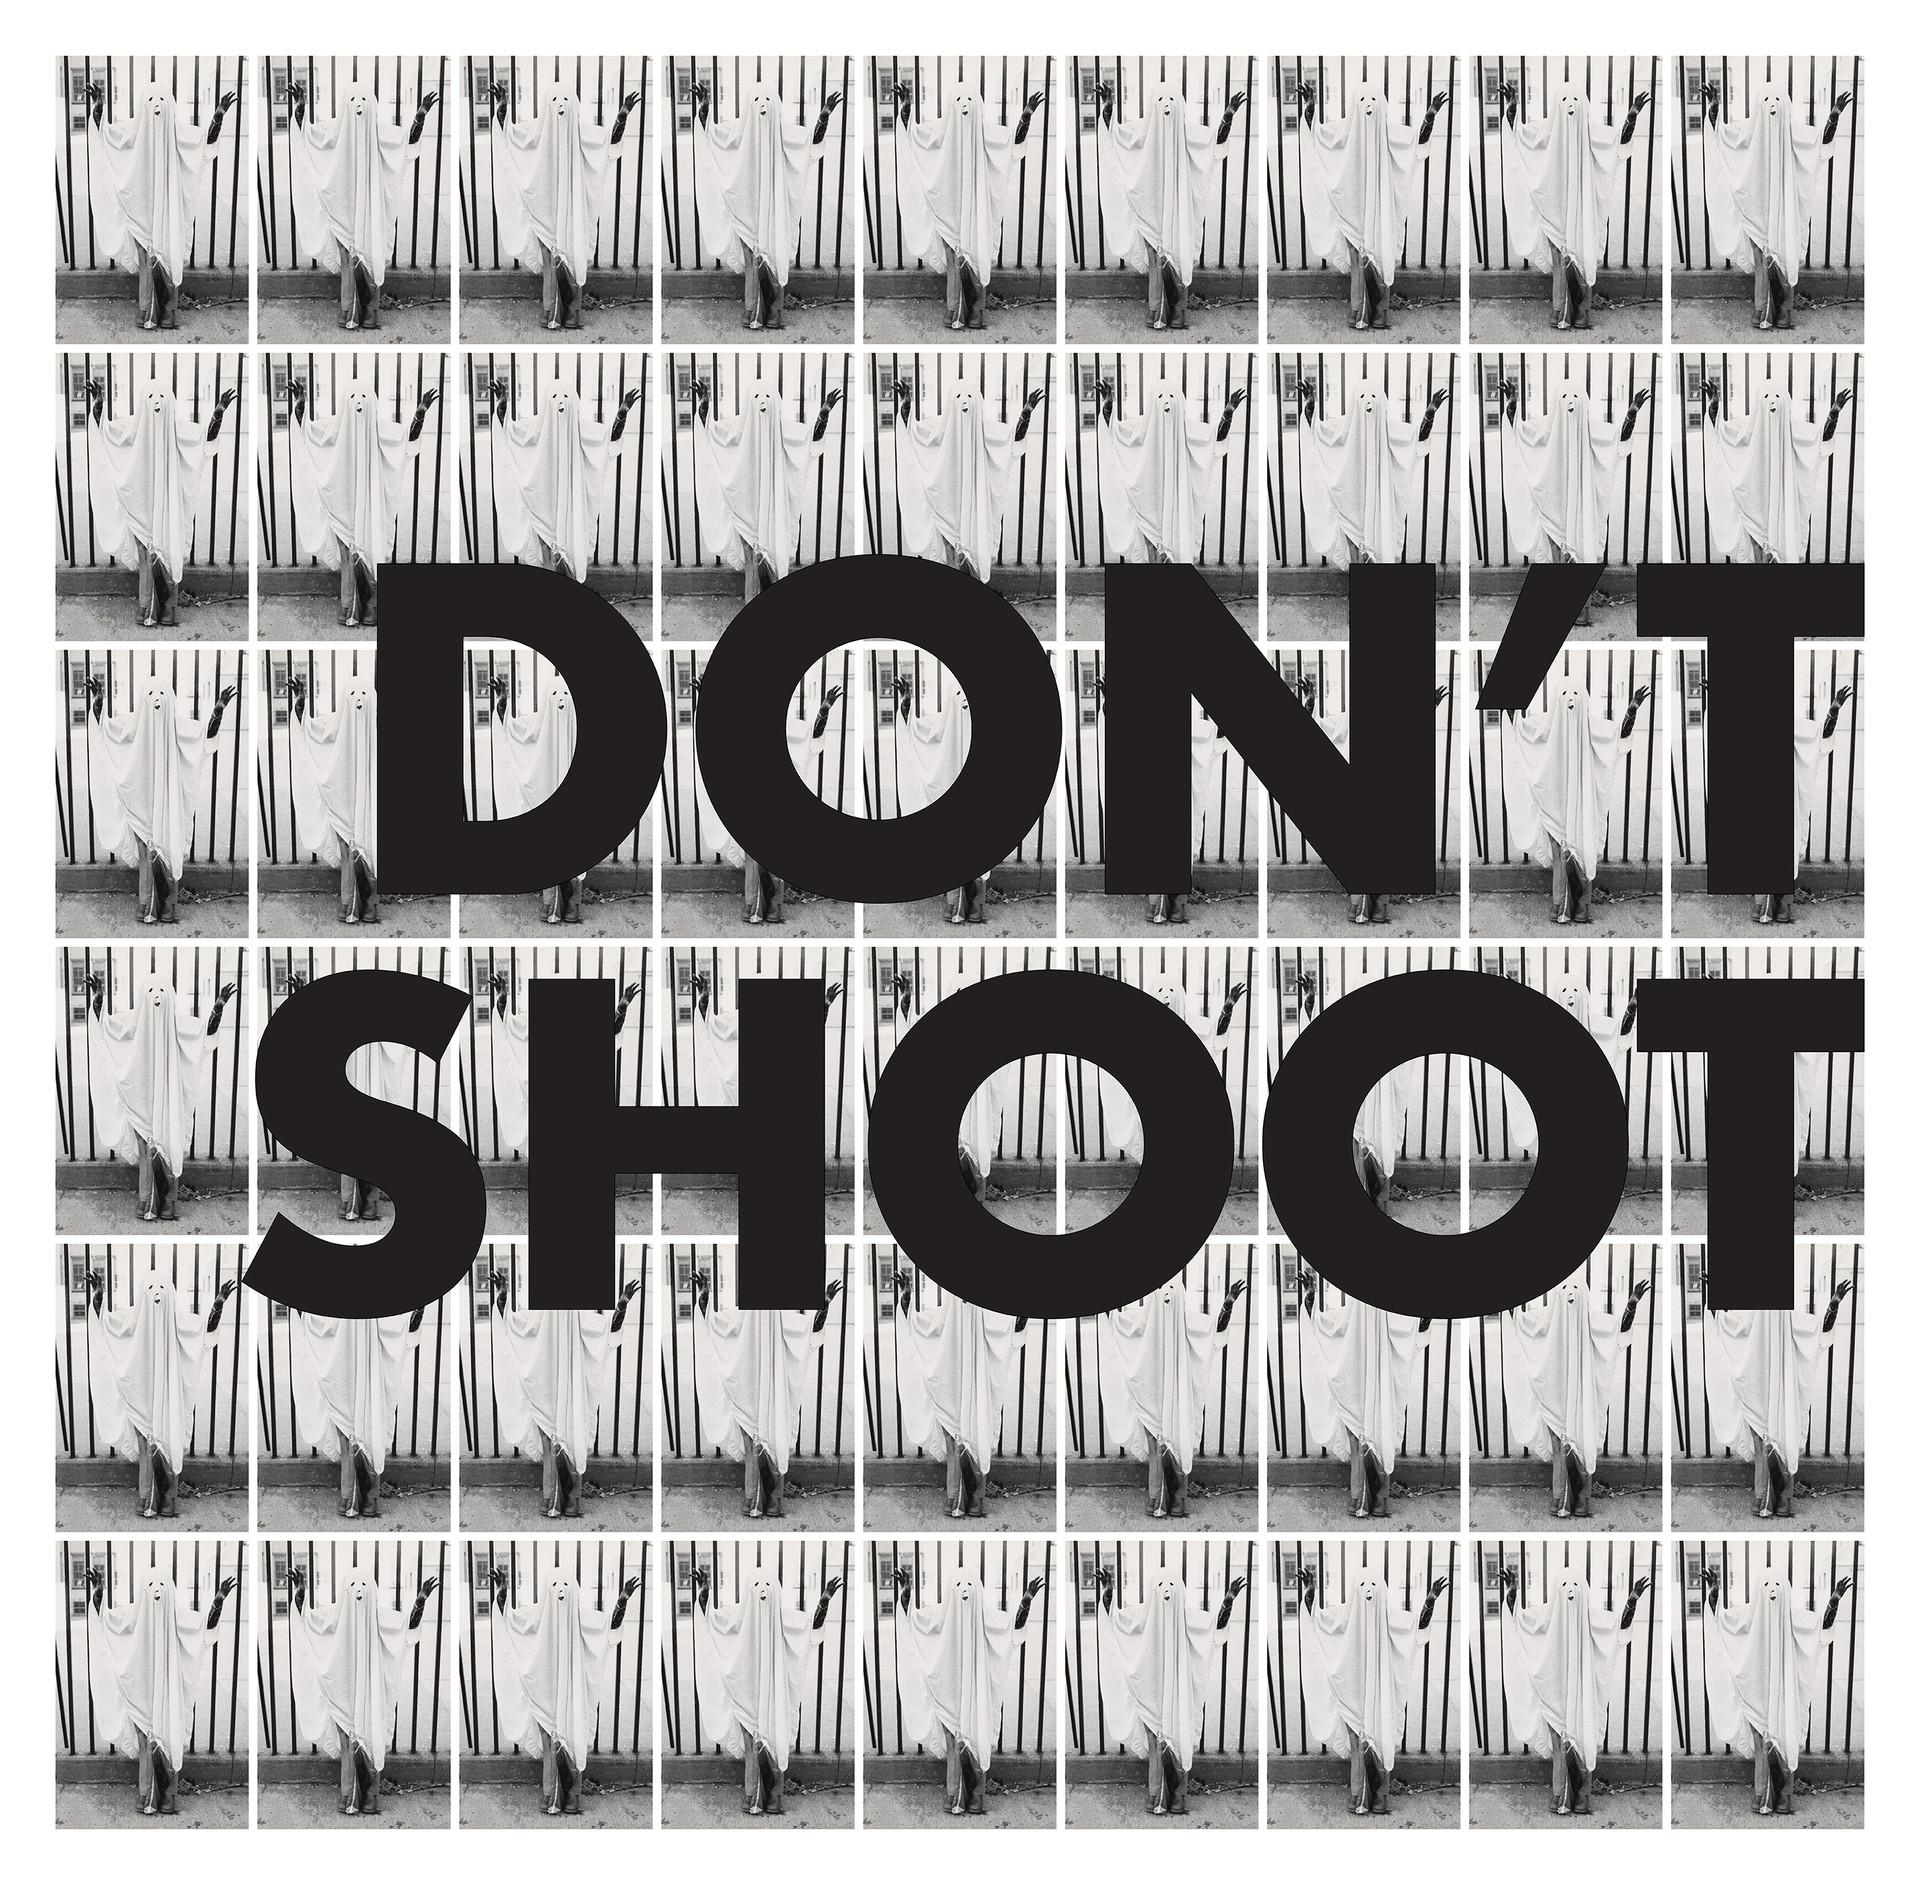 Don't_Shoot.jpg